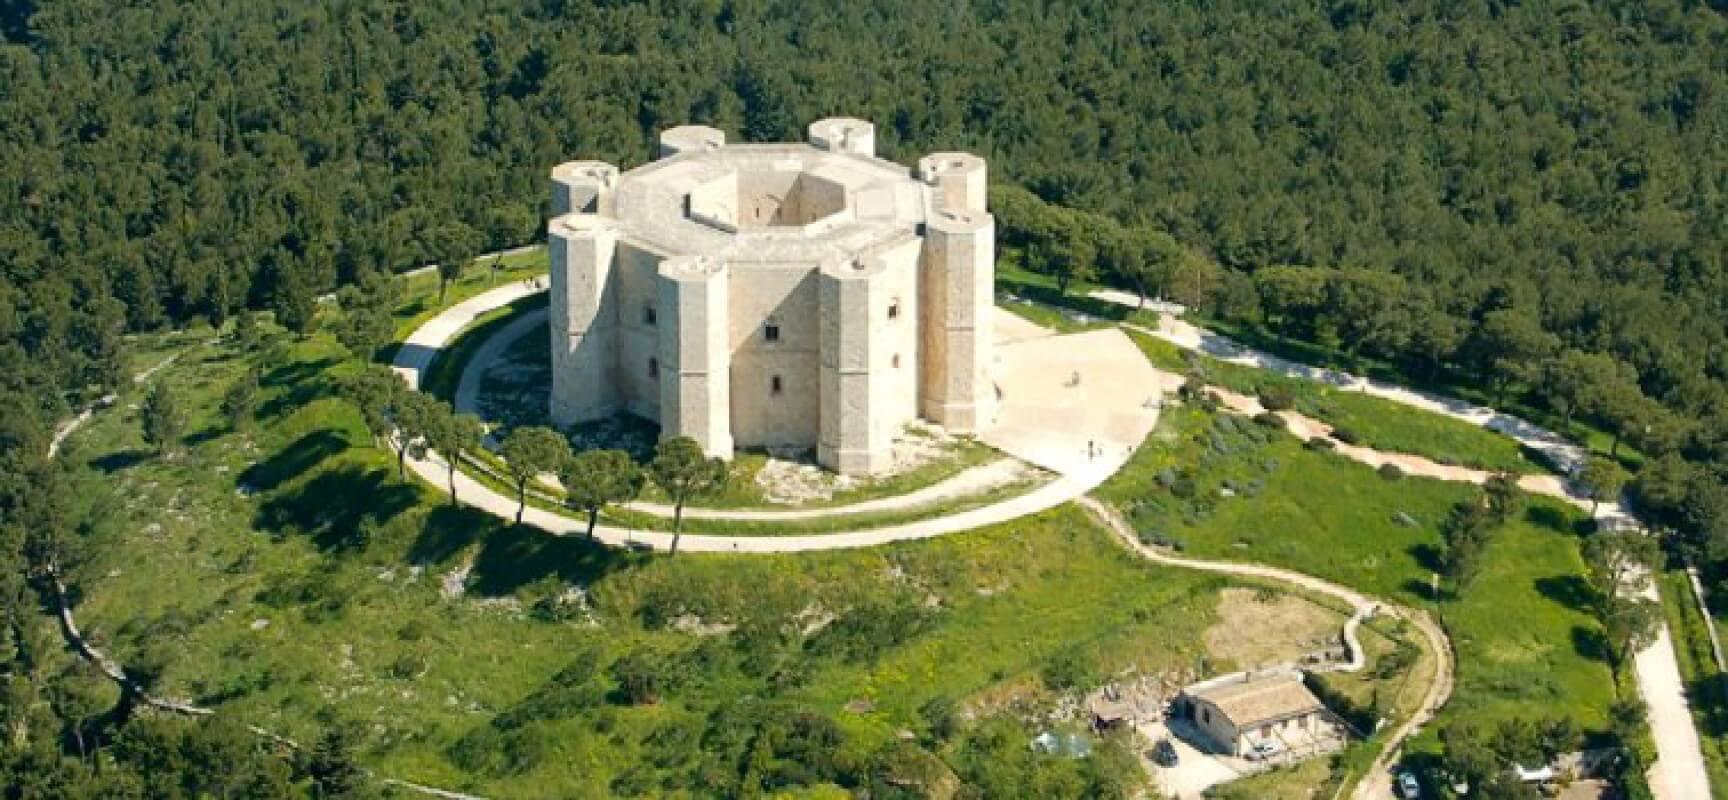 Mezzo miliardo di euro per i monumenti del sud italia for Piani di fattoria del sud